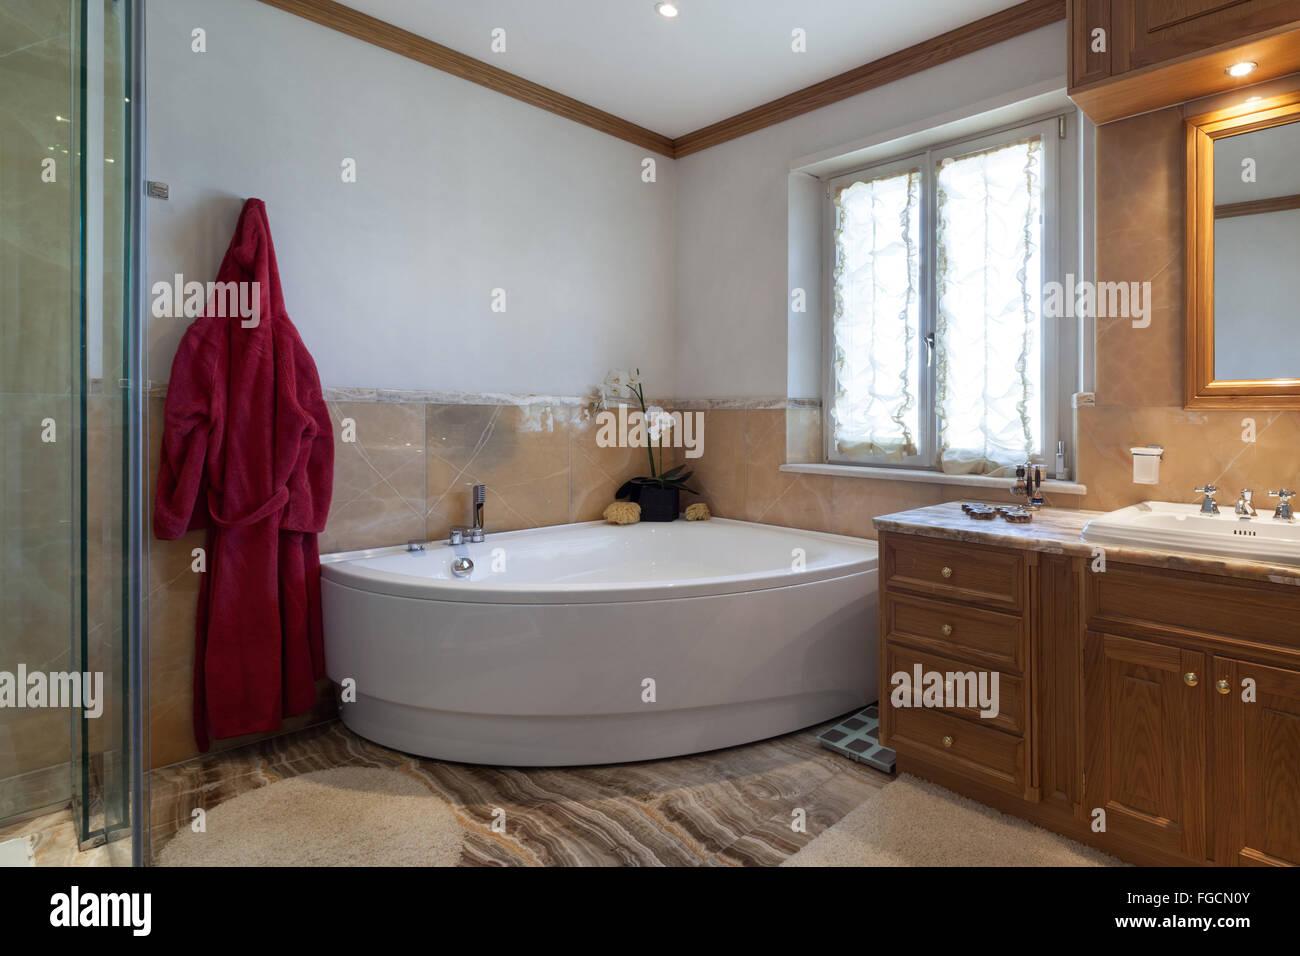 Architektur Klassisches Design Badezimmer Mit Badewanne Und Marmor